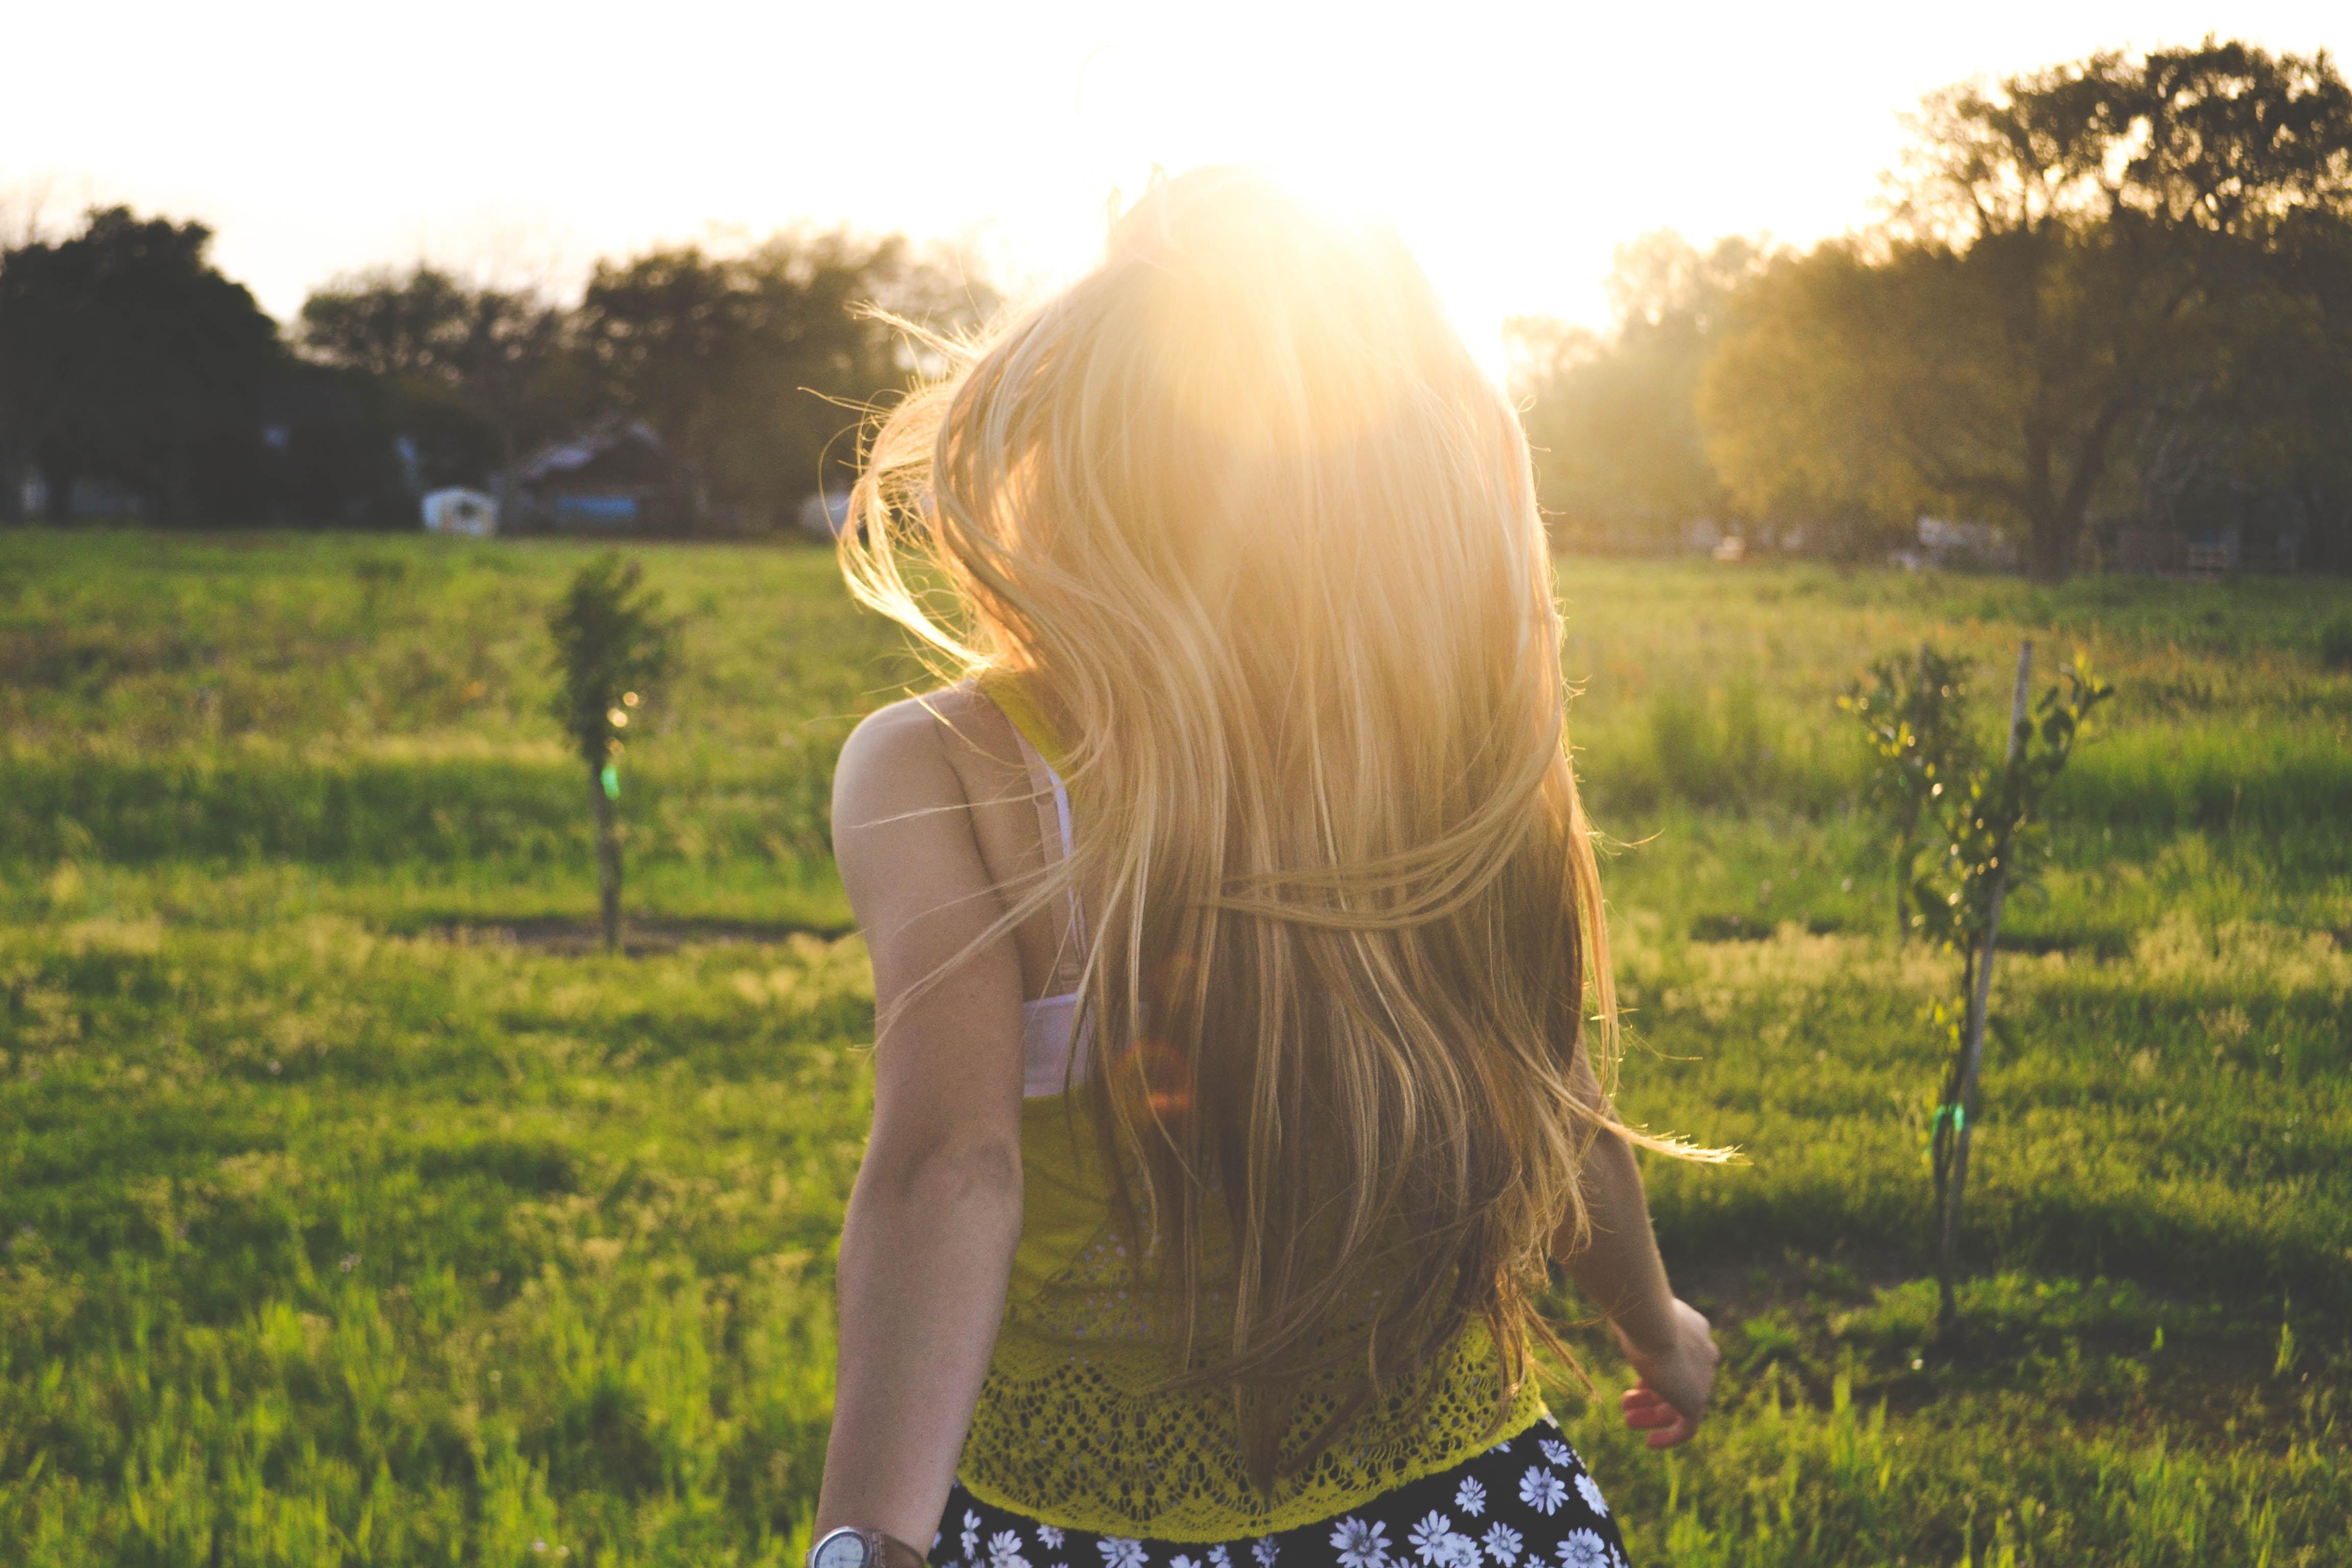 Từ trong sâu thẳm tâm hồn mình, bất cứ cô gái nào cũng đều khao khát tình yêu - Ảnh 2.